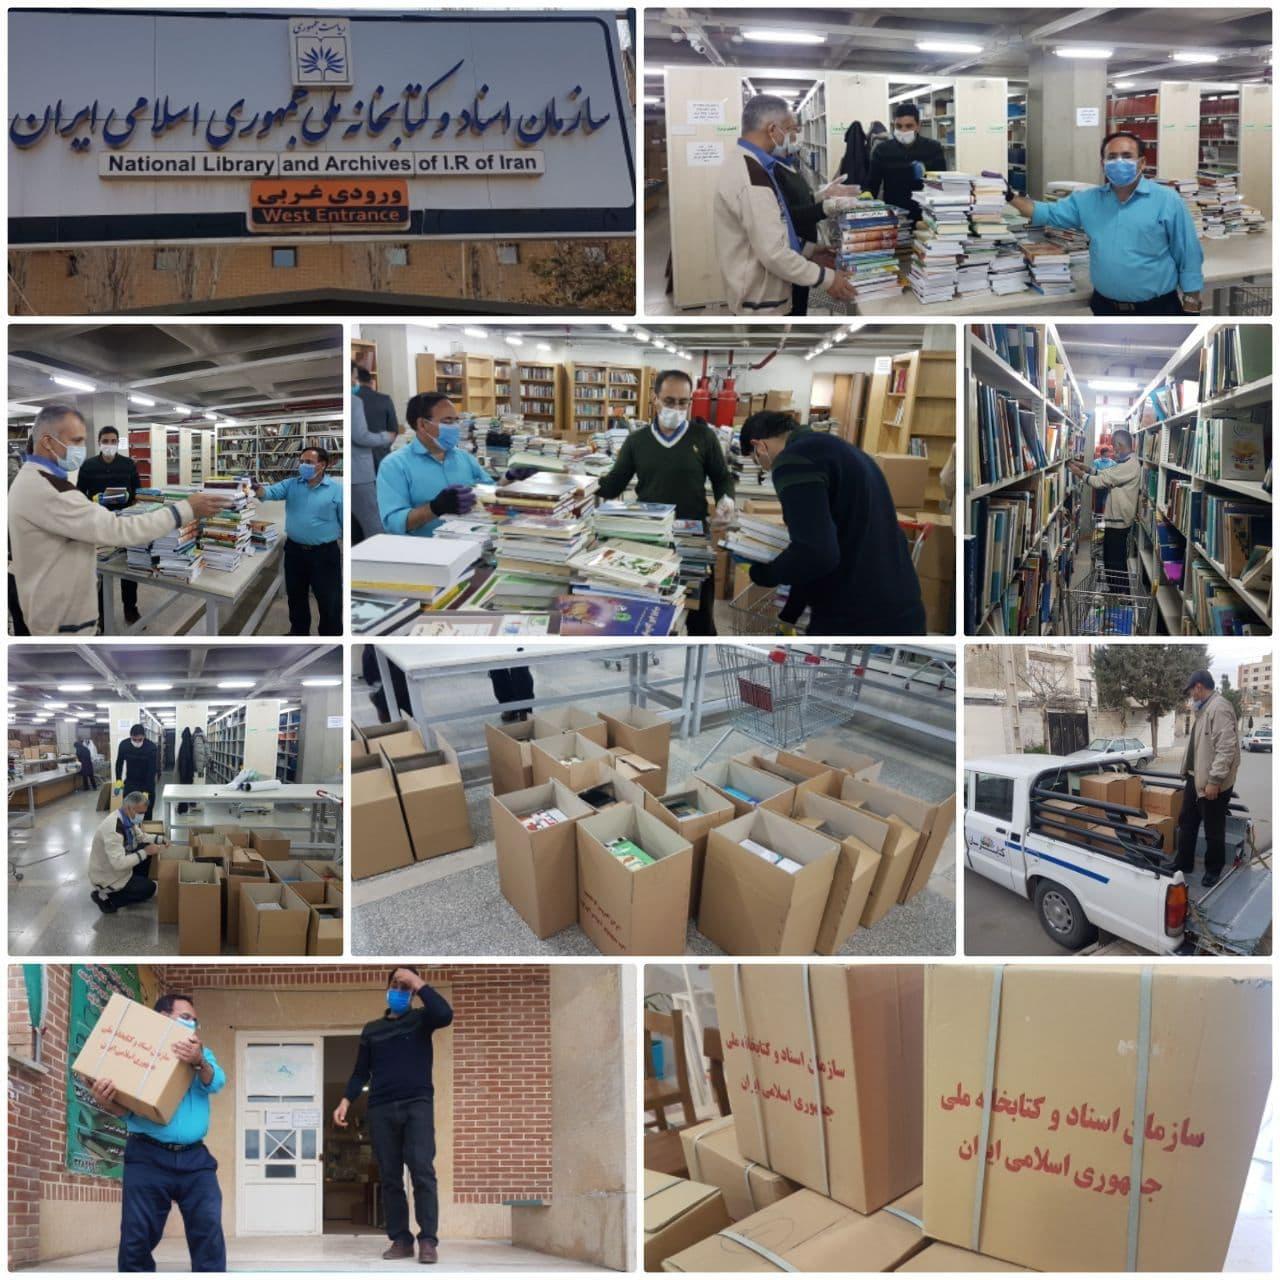 اهدای هزار نسخه کتاب از سازمان اسناد و کتابخانه ملی به کتابخانه های شهرستان آبیک